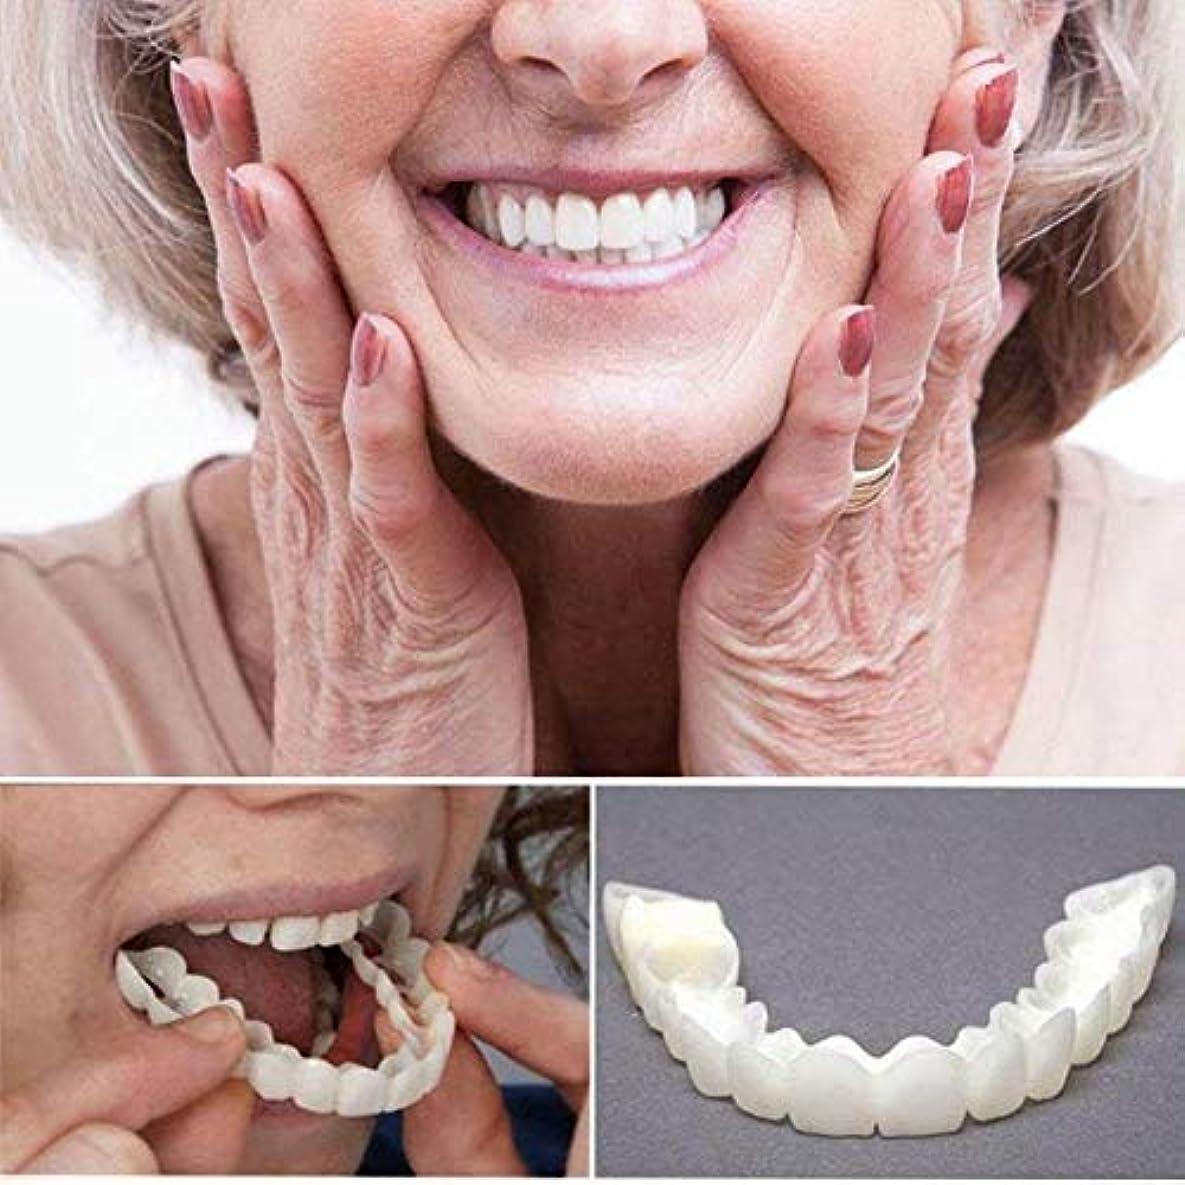 ブルーベル反射特定の化粧品の歯、白い歯をきれいにするためのコンフォートフィットフレックスティースソケット、スーパーコンフォート、コンフォートフィット、1セット.